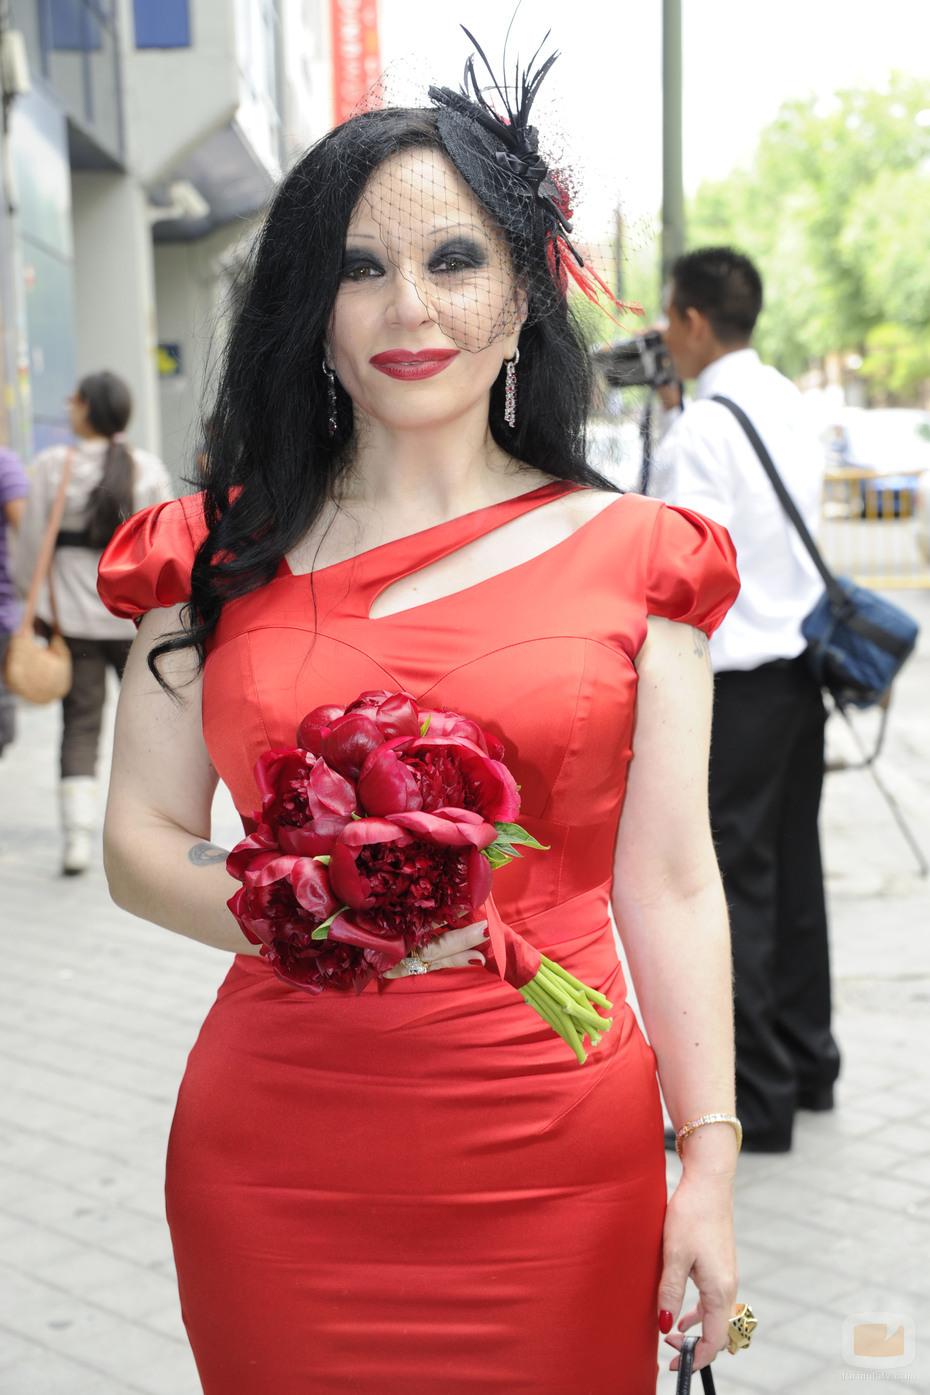 Vestido rojo en el metro - 3 9